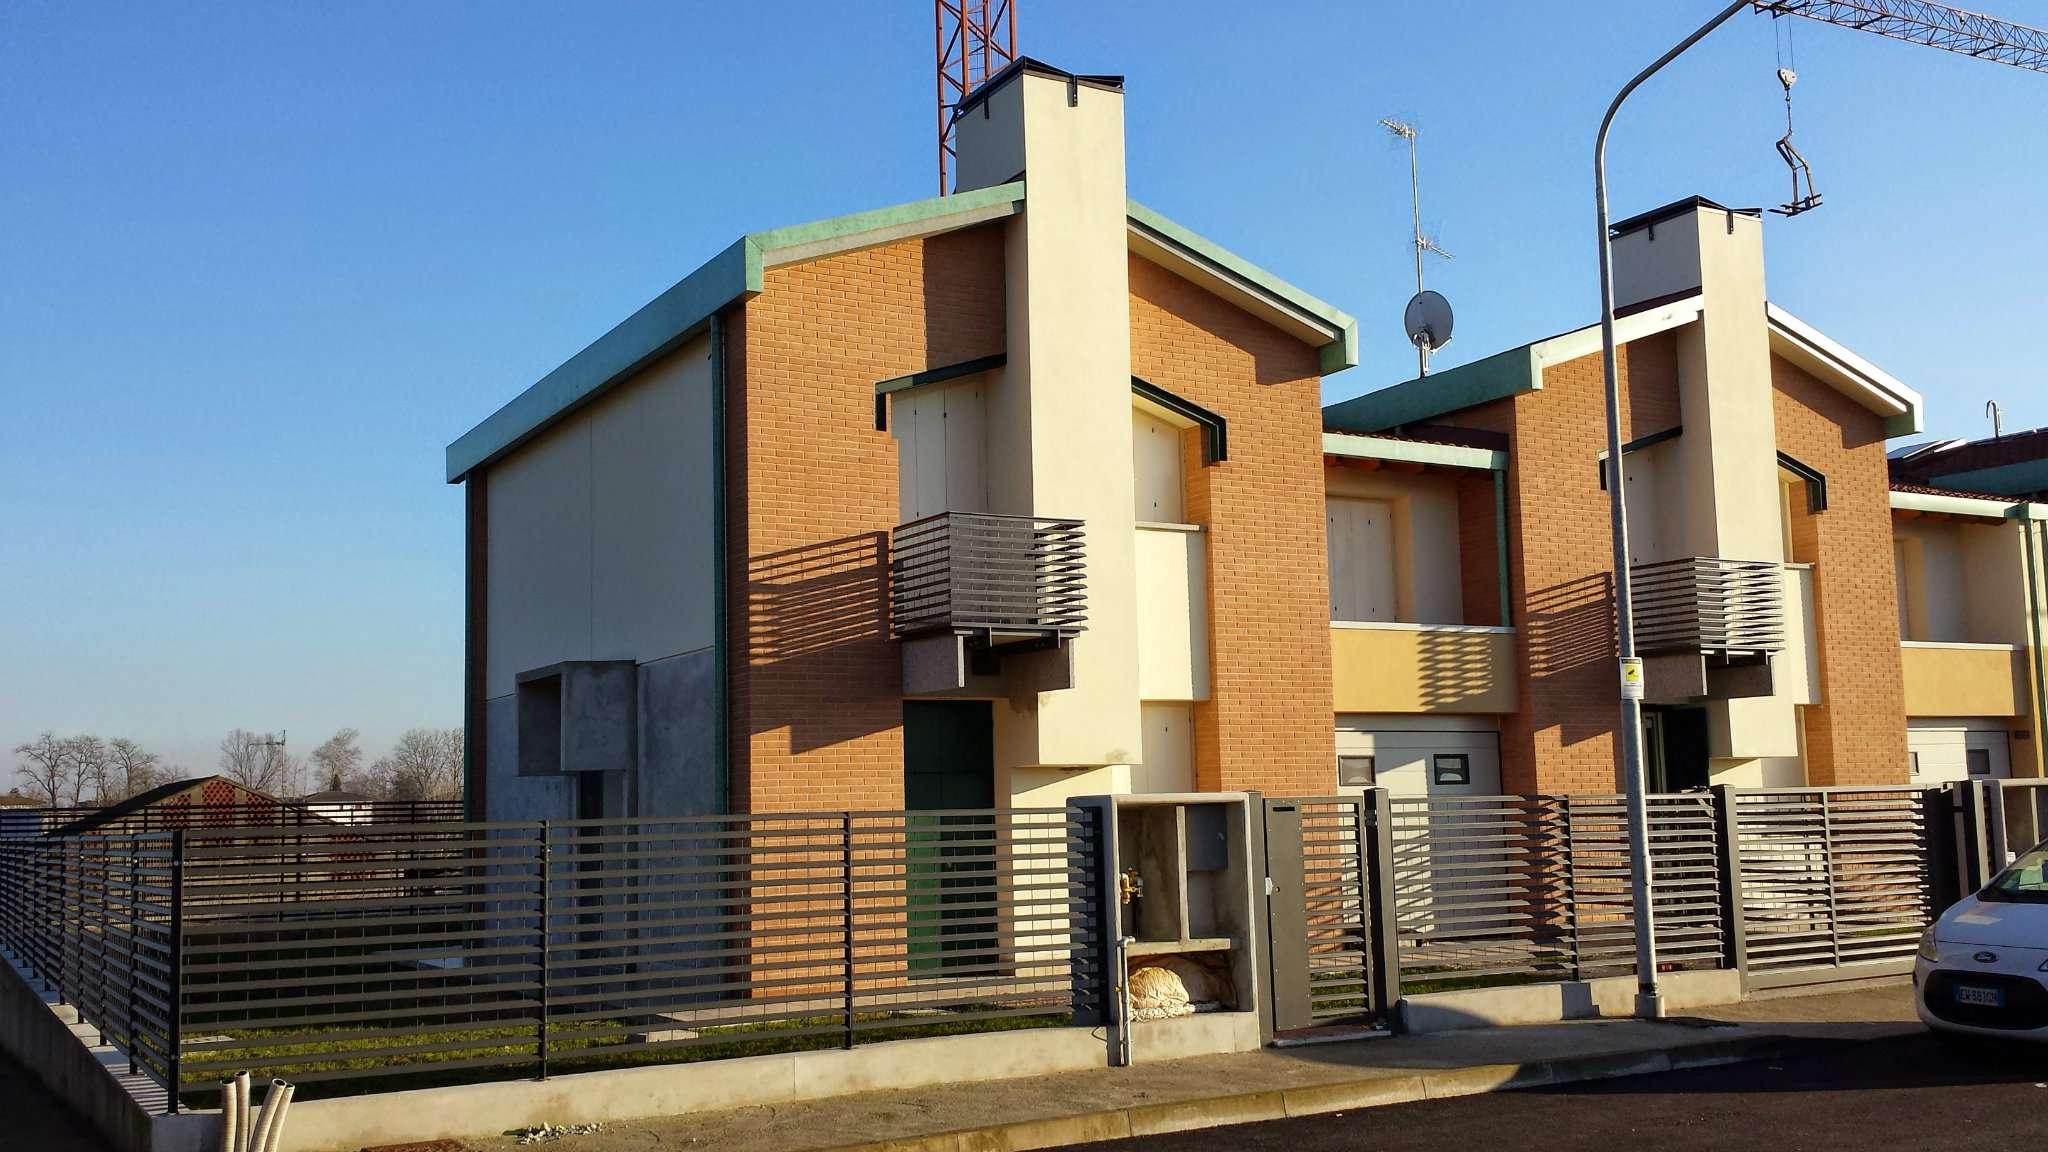 Villa in vendita a Melegnano, 5 locali, prezzo € 300.000 | PortaleAgenzieImmobiliari.it